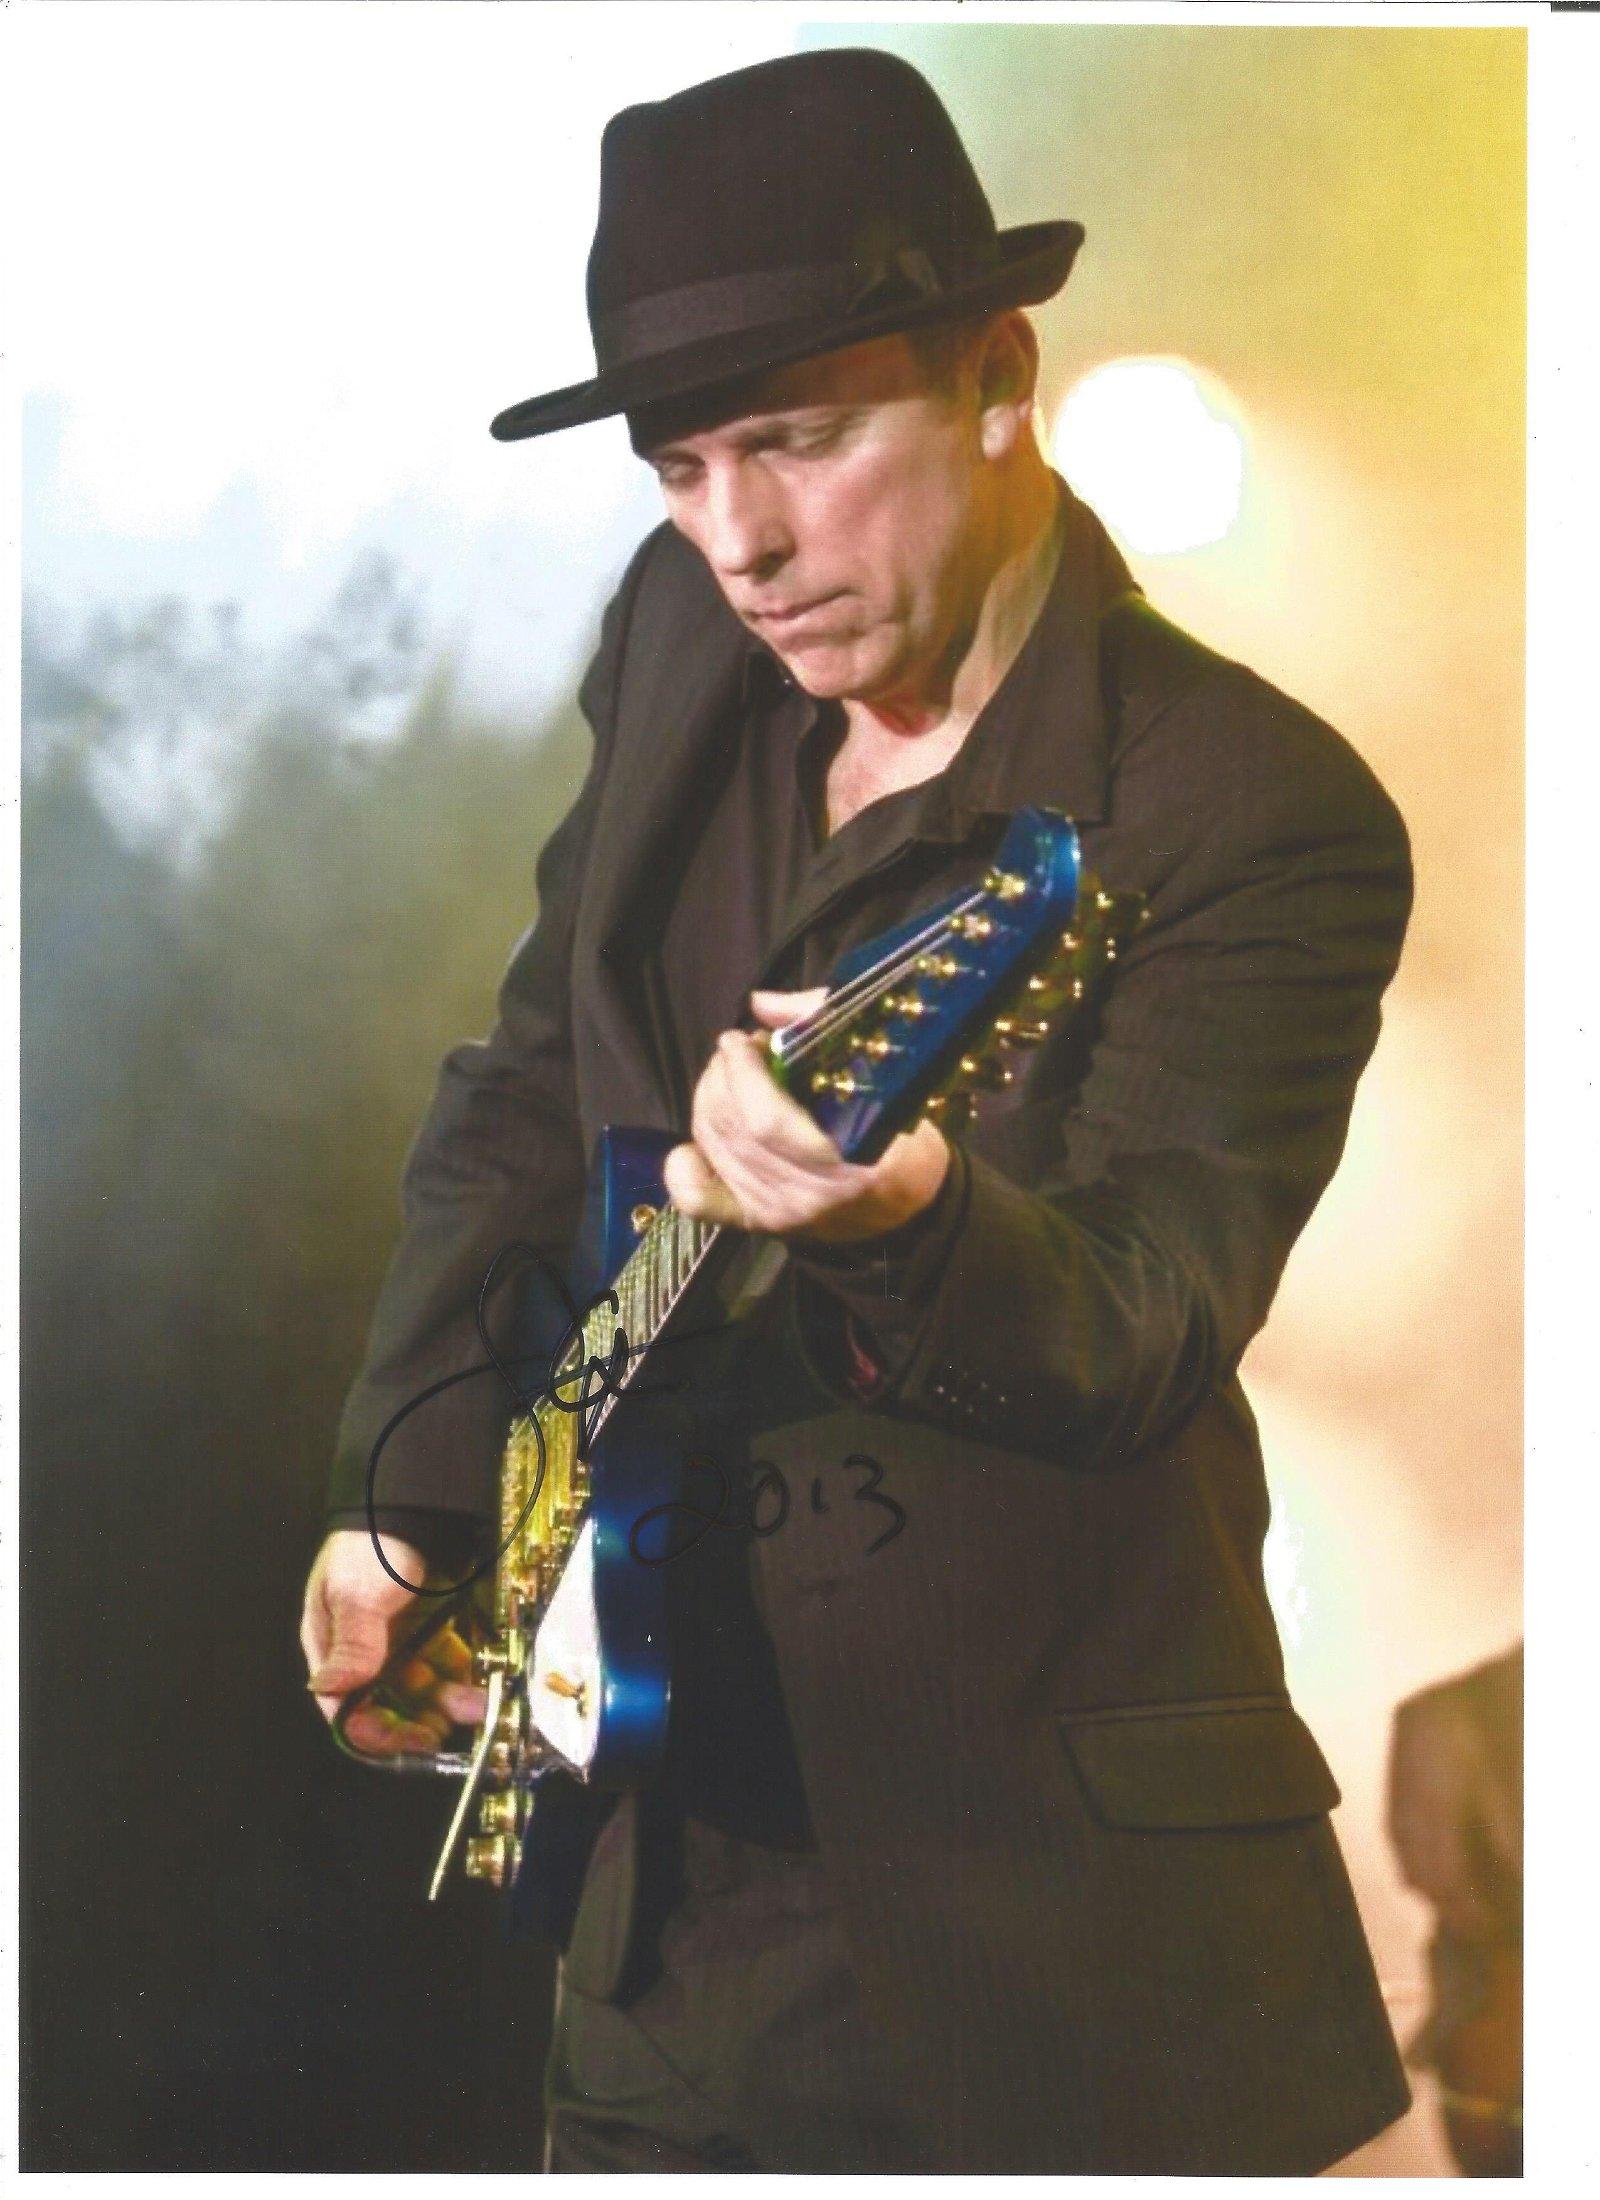 Steven Dale Petit Singer / Guitarist Signed 8x12 Photo.